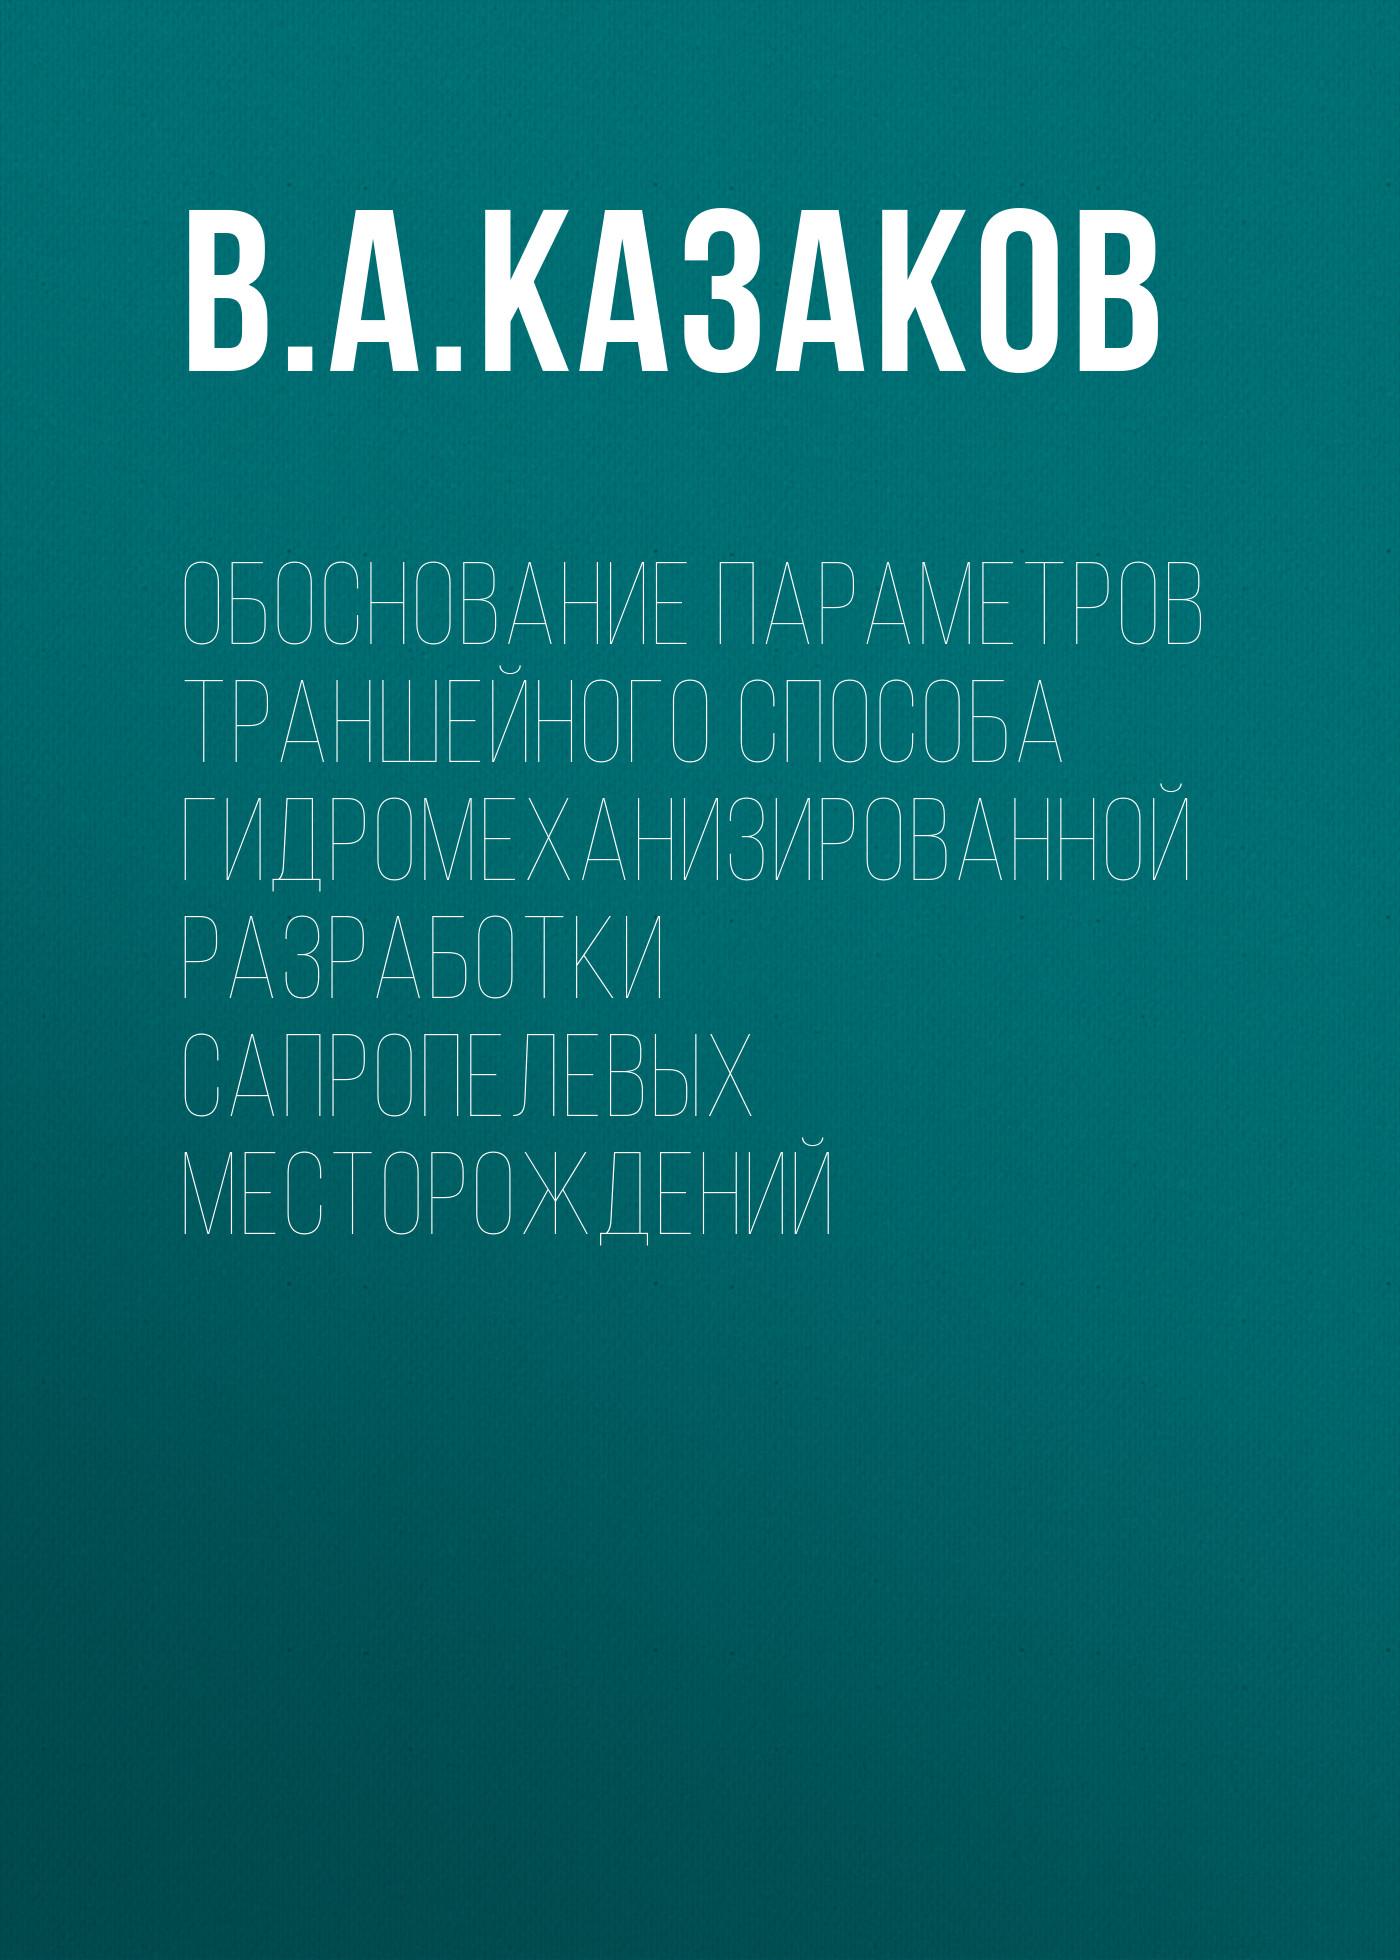 В. А. Казаков Обоснование параметров траншейного способа гидромеханизированной разработки сапропелевых месторождений